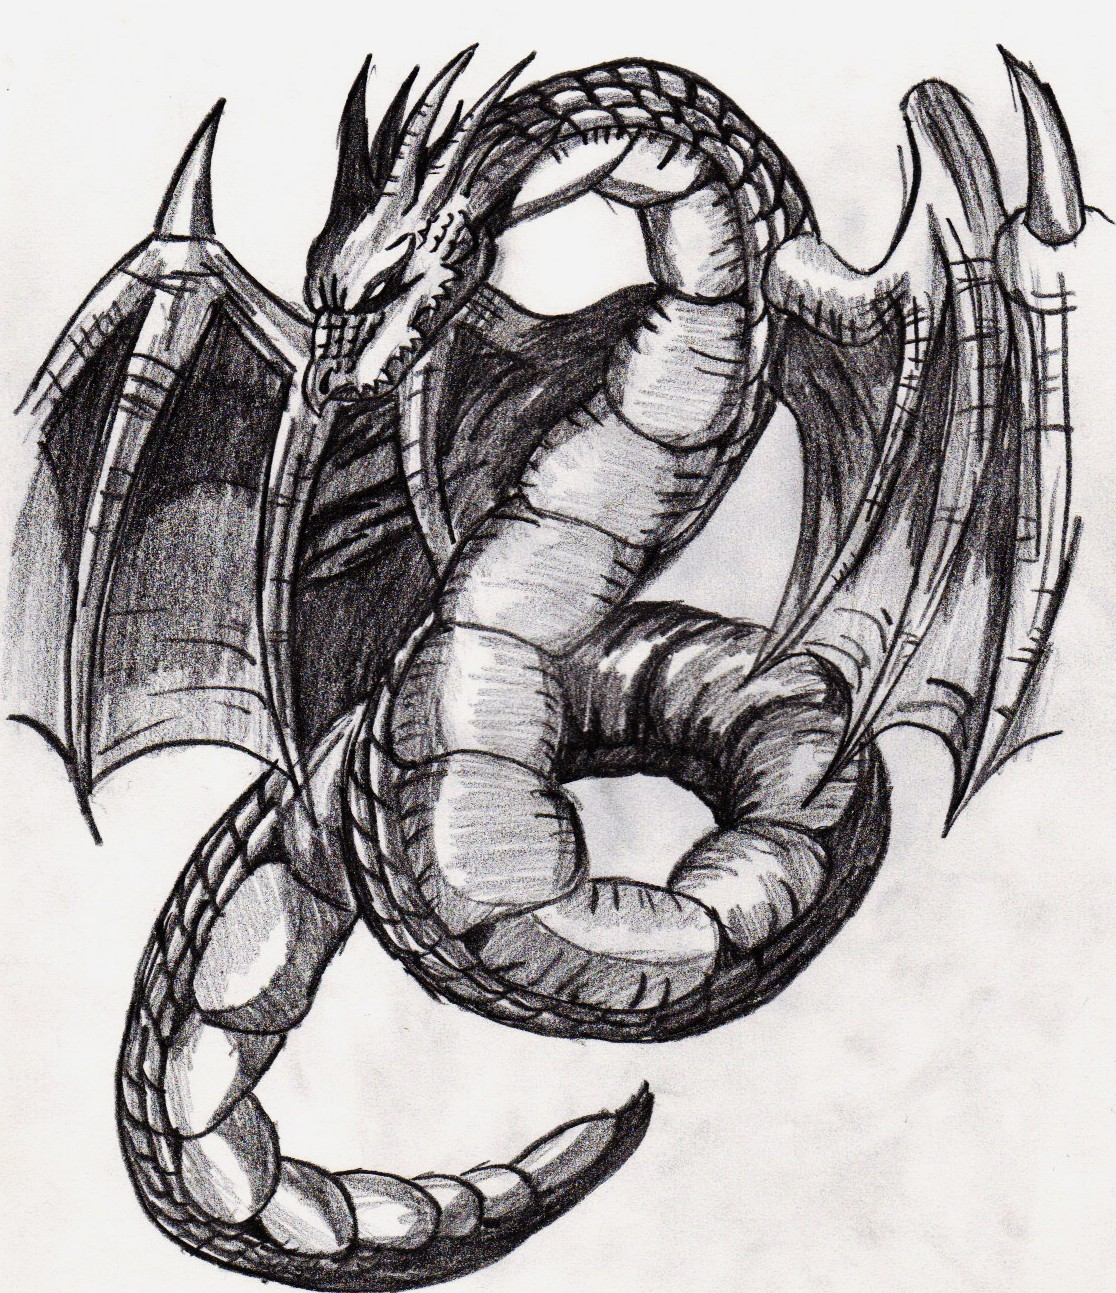 Thunder Dragon By Lemusart On Deviantart